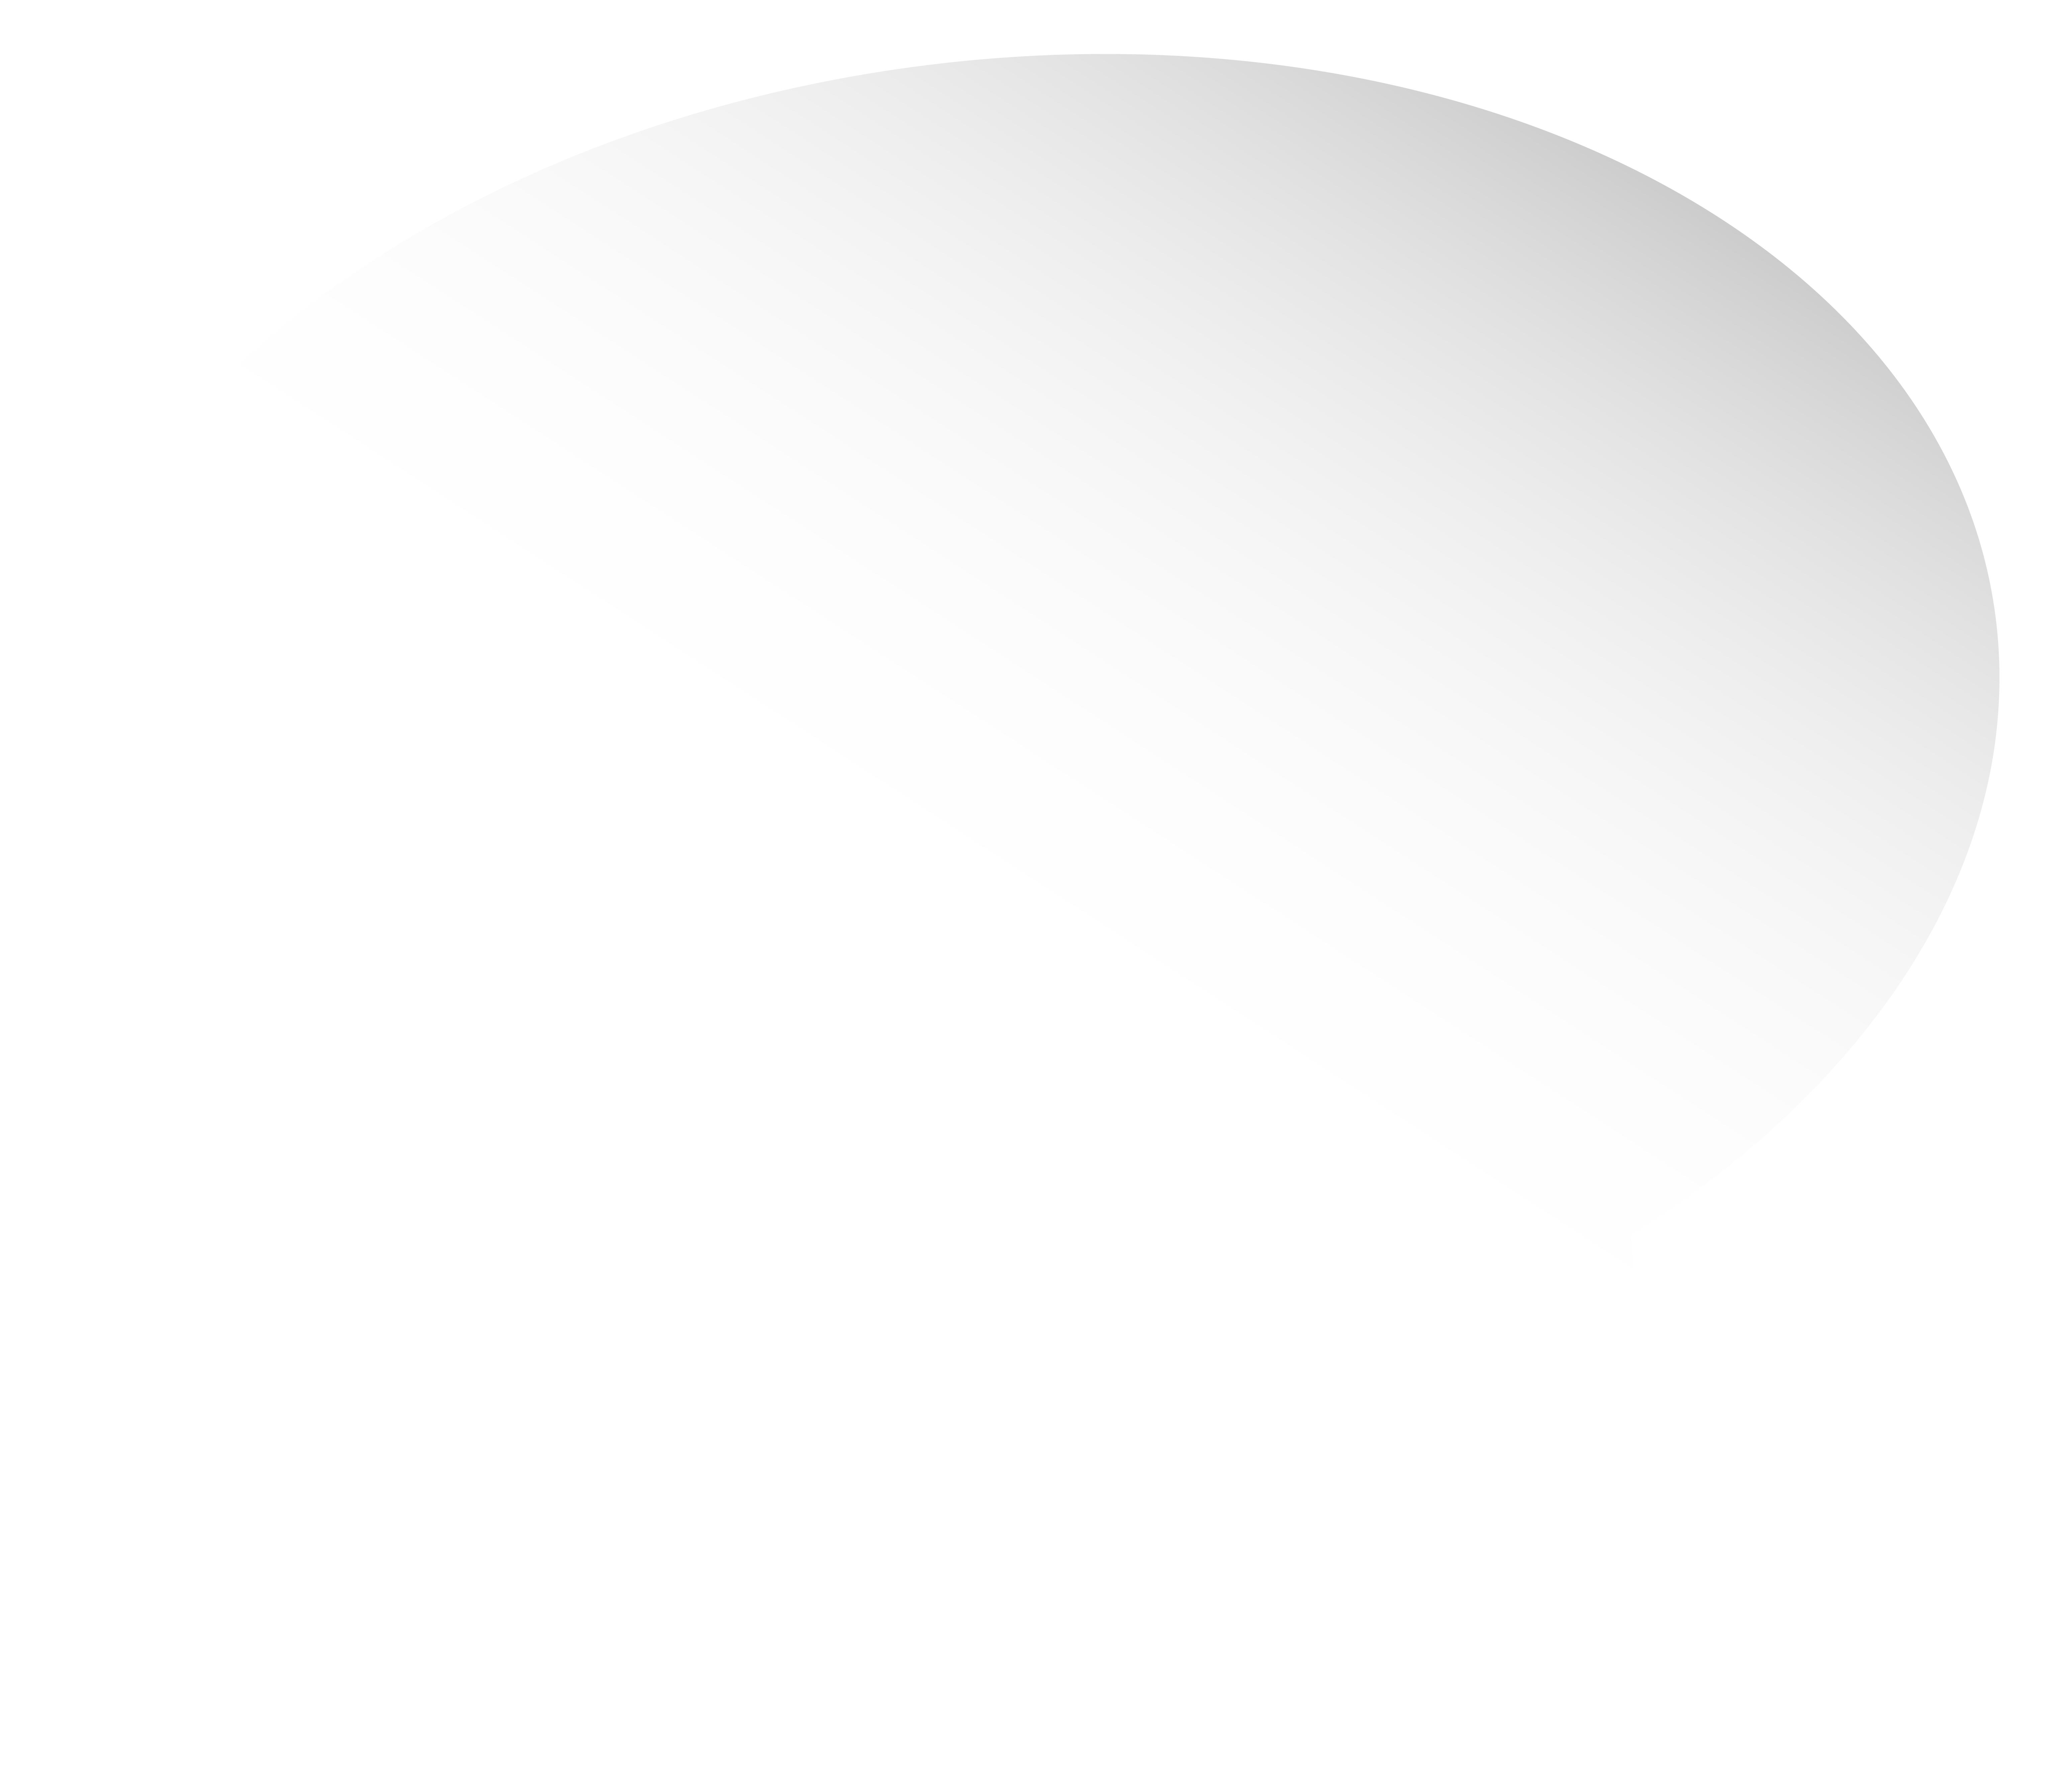 Bubble Speech White PNG Clip Art Image.